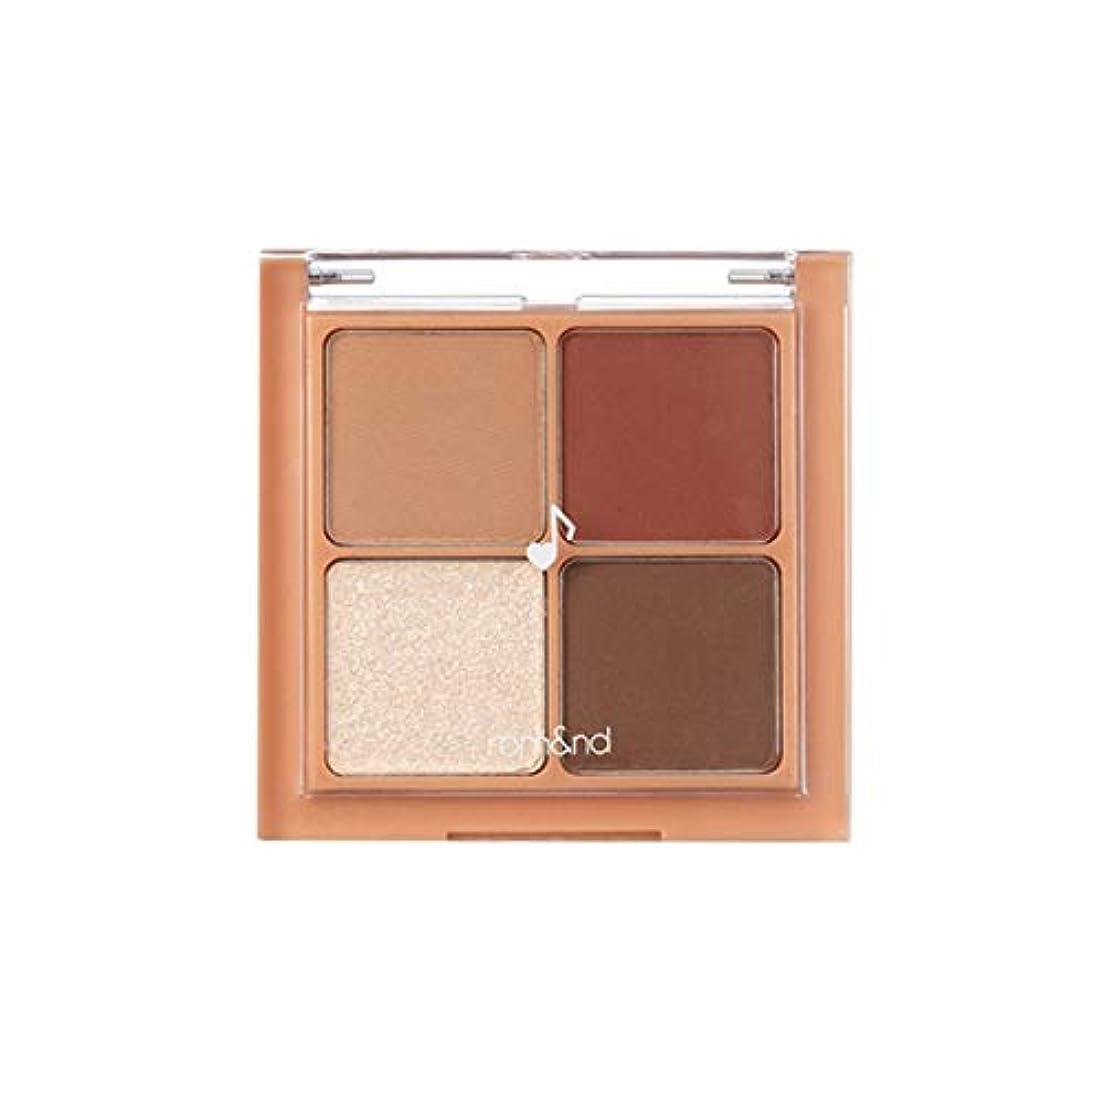 ラダ精神医学速記rom&nd BETTER THAN EYES Eyeshadow Palette 4色のアイシャドウパレット # M1 DRY apple blossom(並行輸入品)